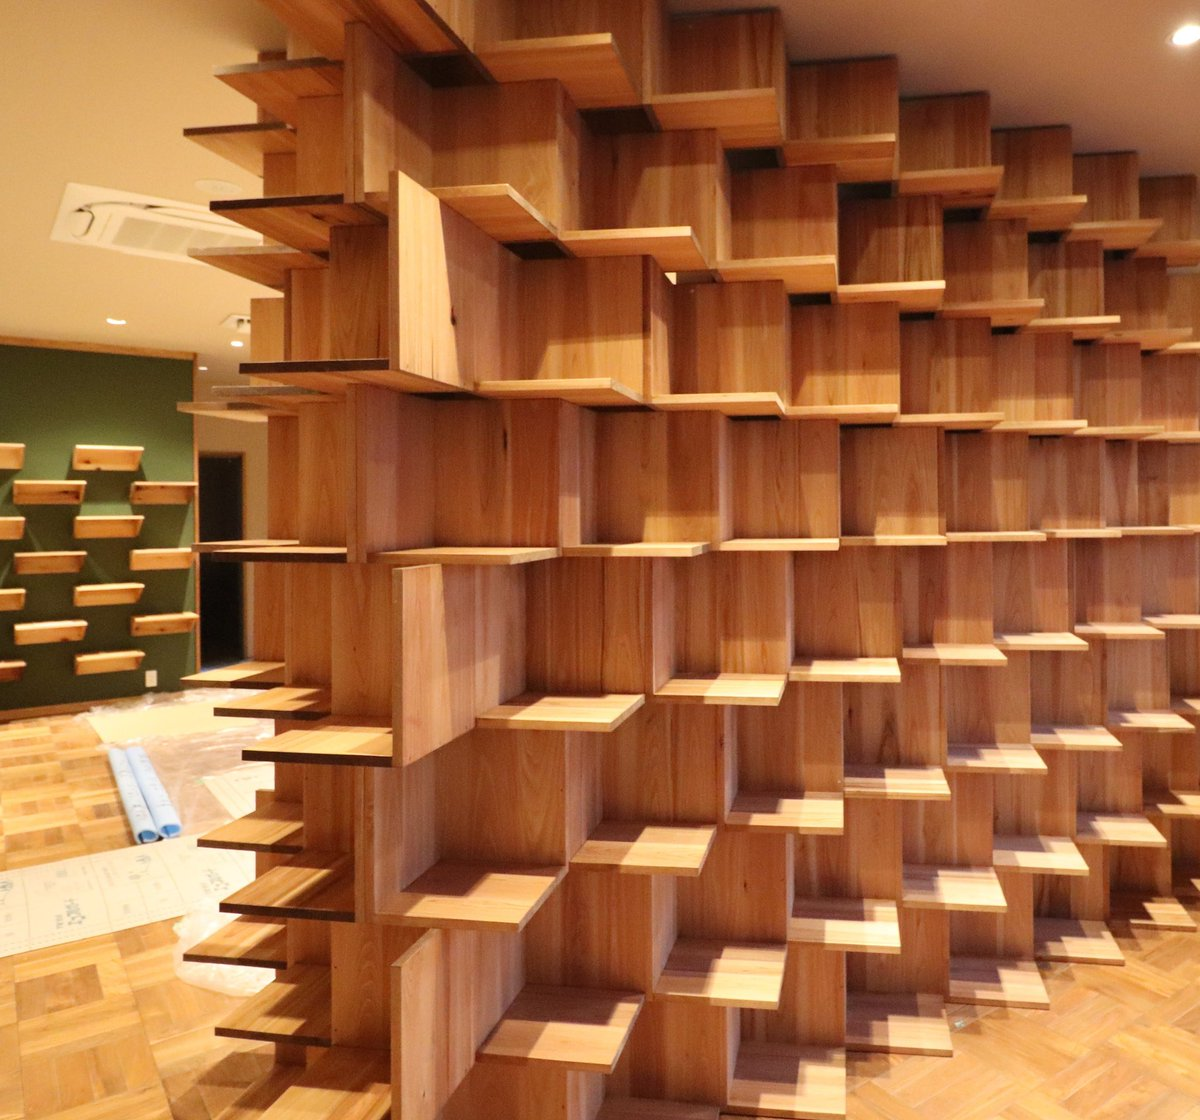 単純な形をひねって重ねた。本を早く並べてみたい。  #07beach #本棚 #絵本 #インテリアデザイン#建築#店舗デザイン#カフェデザイン#レストランデザイン#工事中#内装デザイン #木工事 #家具工事 #図書喫茶#ブックカフェ#図書喫茶カンタカ https://t.co/lSZ2Jsovfz